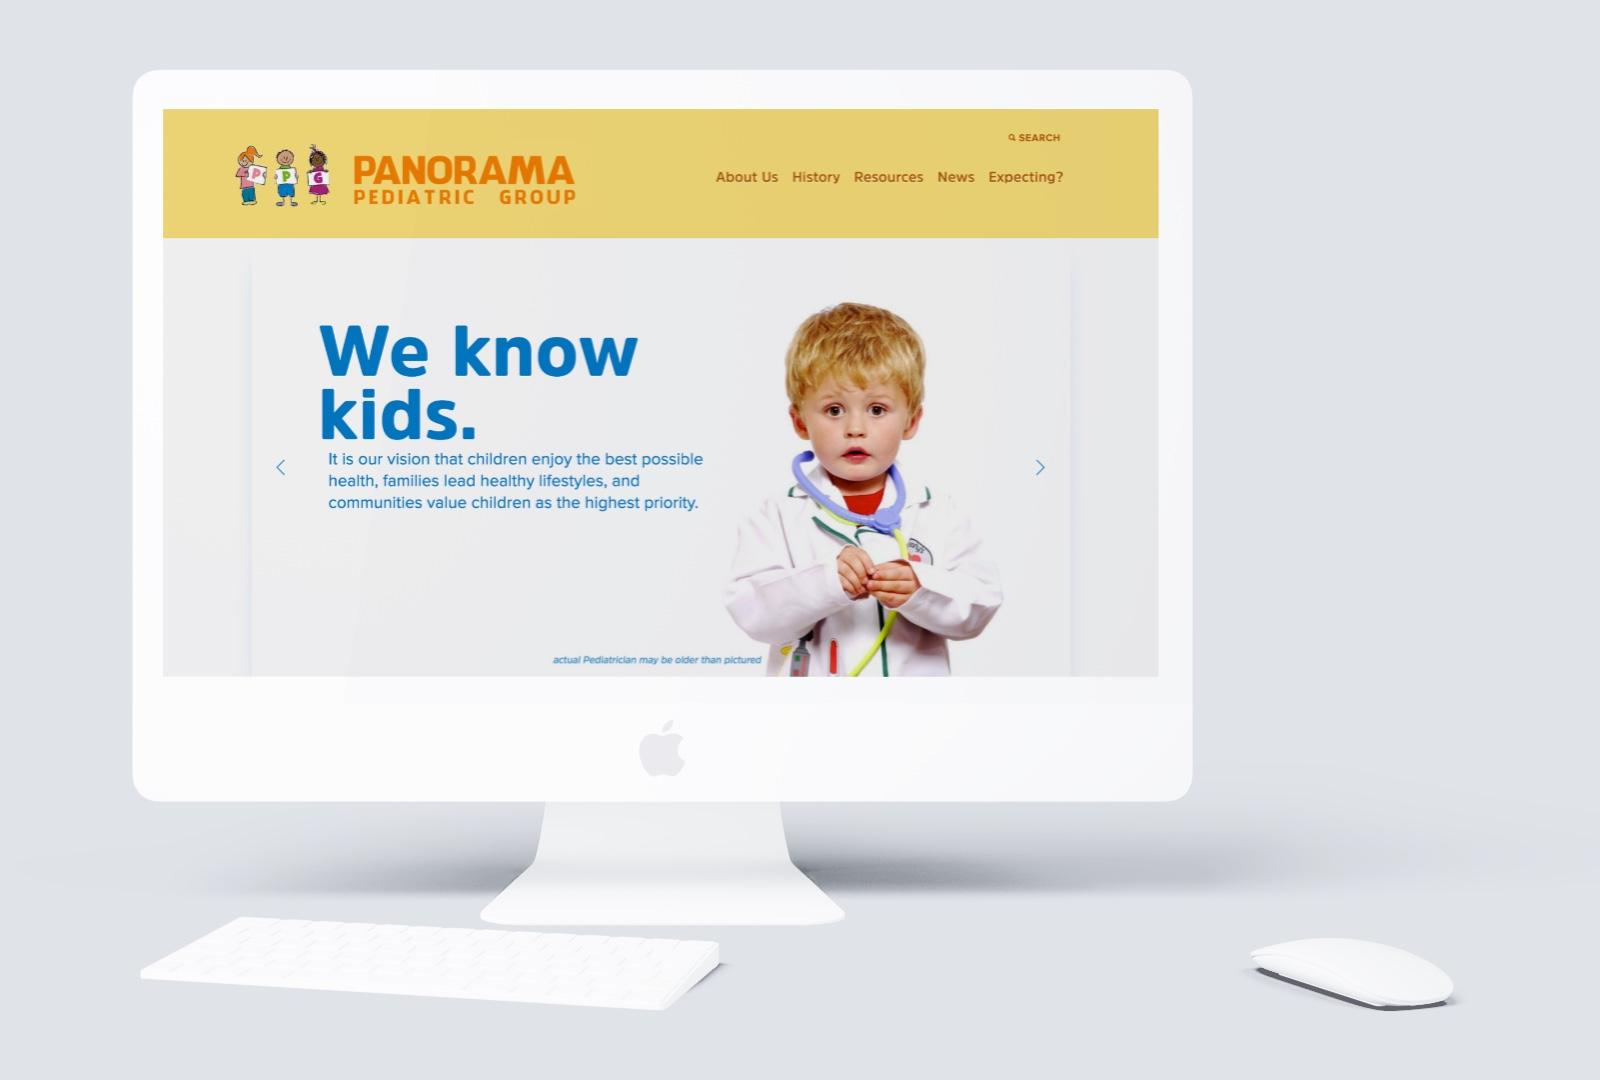 Panorama - We know kids.